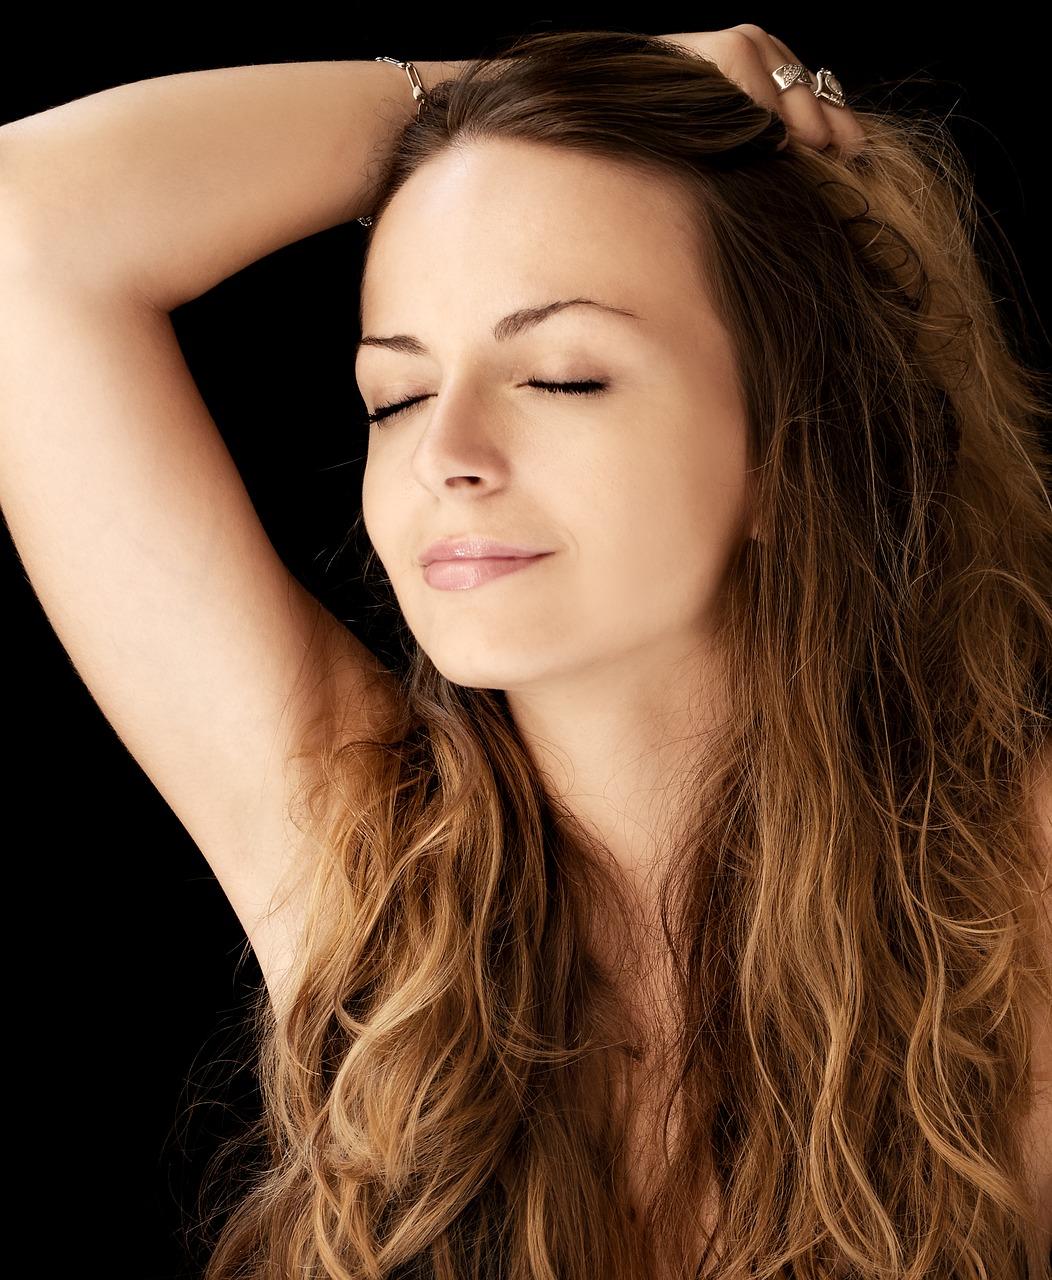 全身脱毛のメリットはワキガやにおいが改善されること